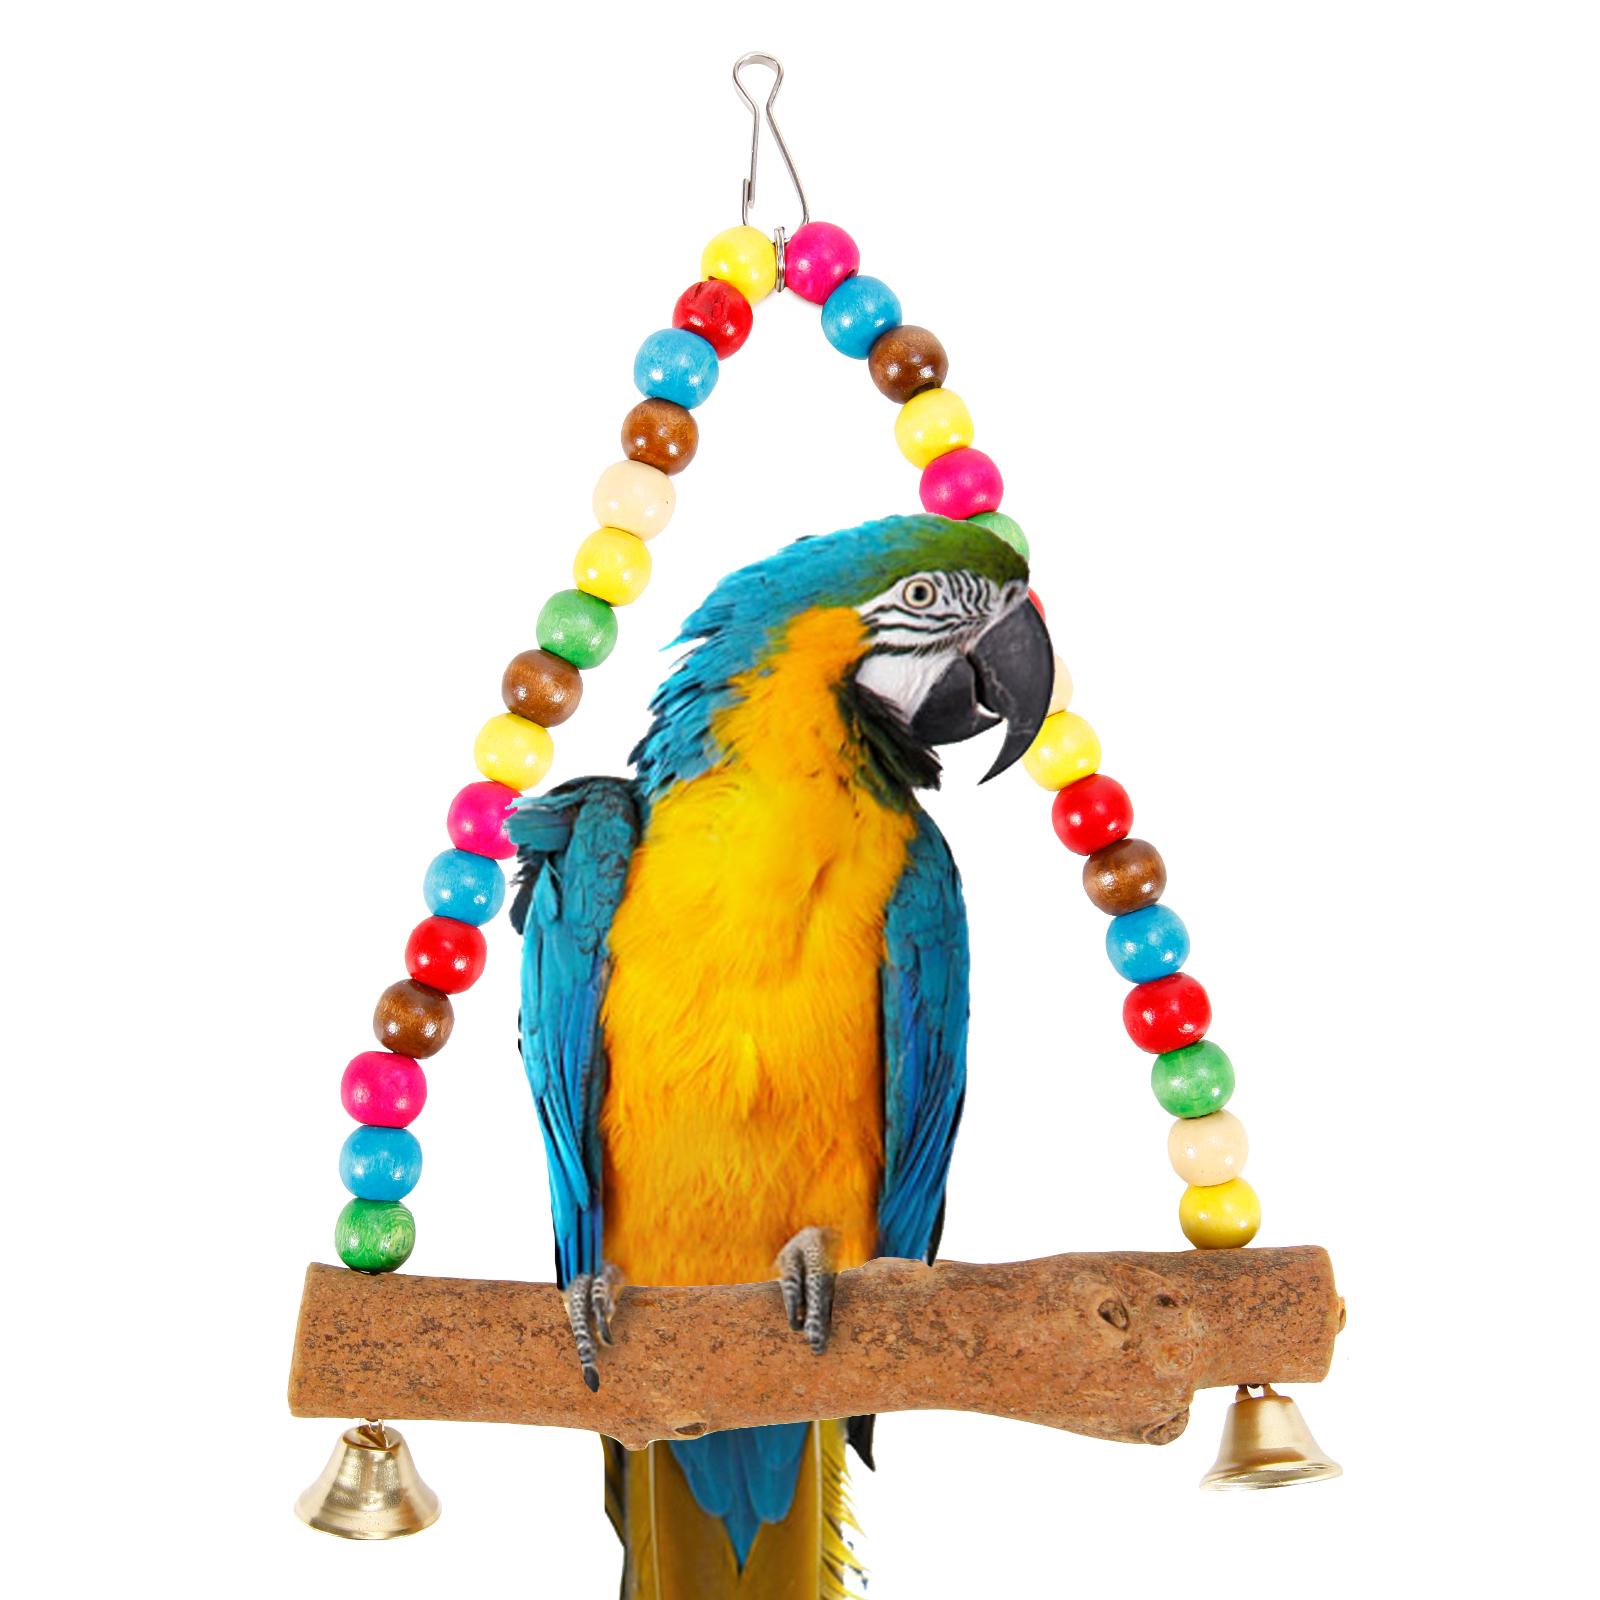 Vögel spielzeug vogelschaukel hängebrücke kletterspirale